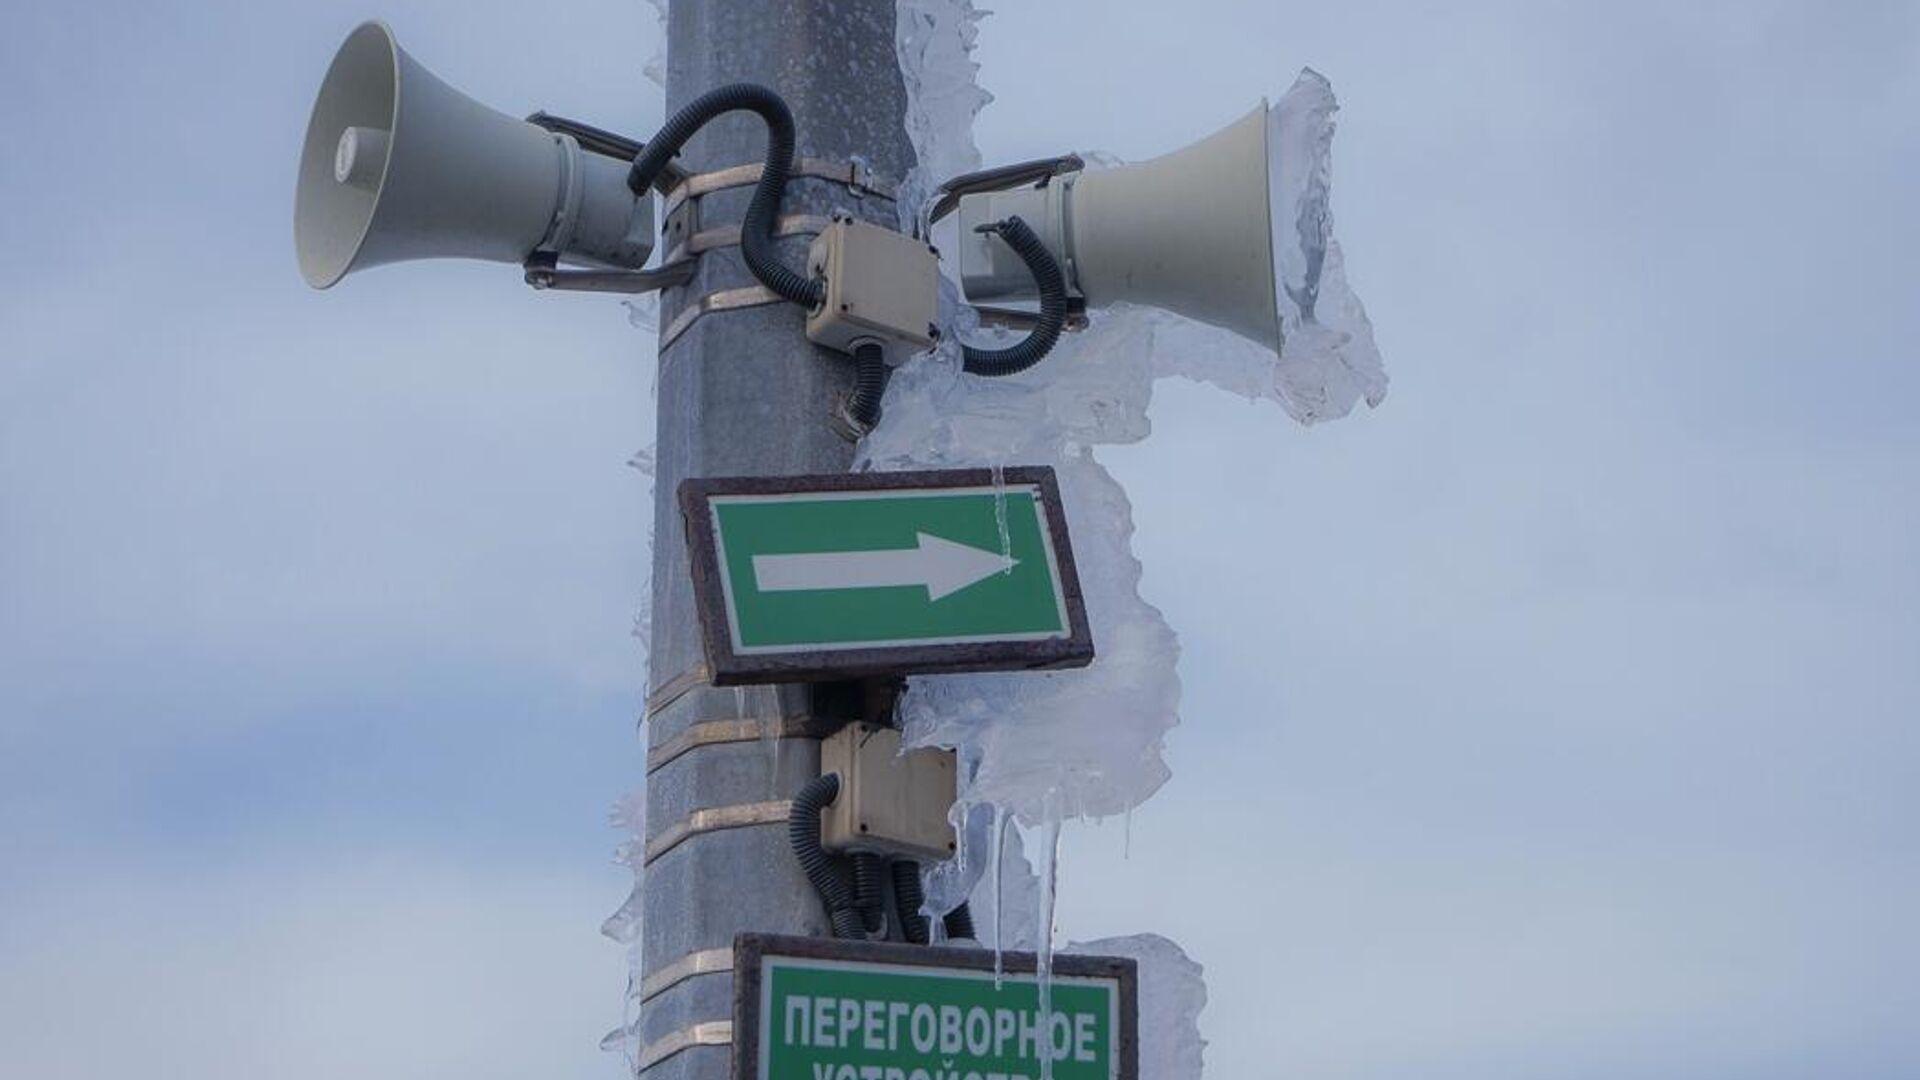 Наледь на громкоговорителях системы оповещения на мосту на остров Русский во Владивостоке - РИА Новости, 1920, 30.11.2020